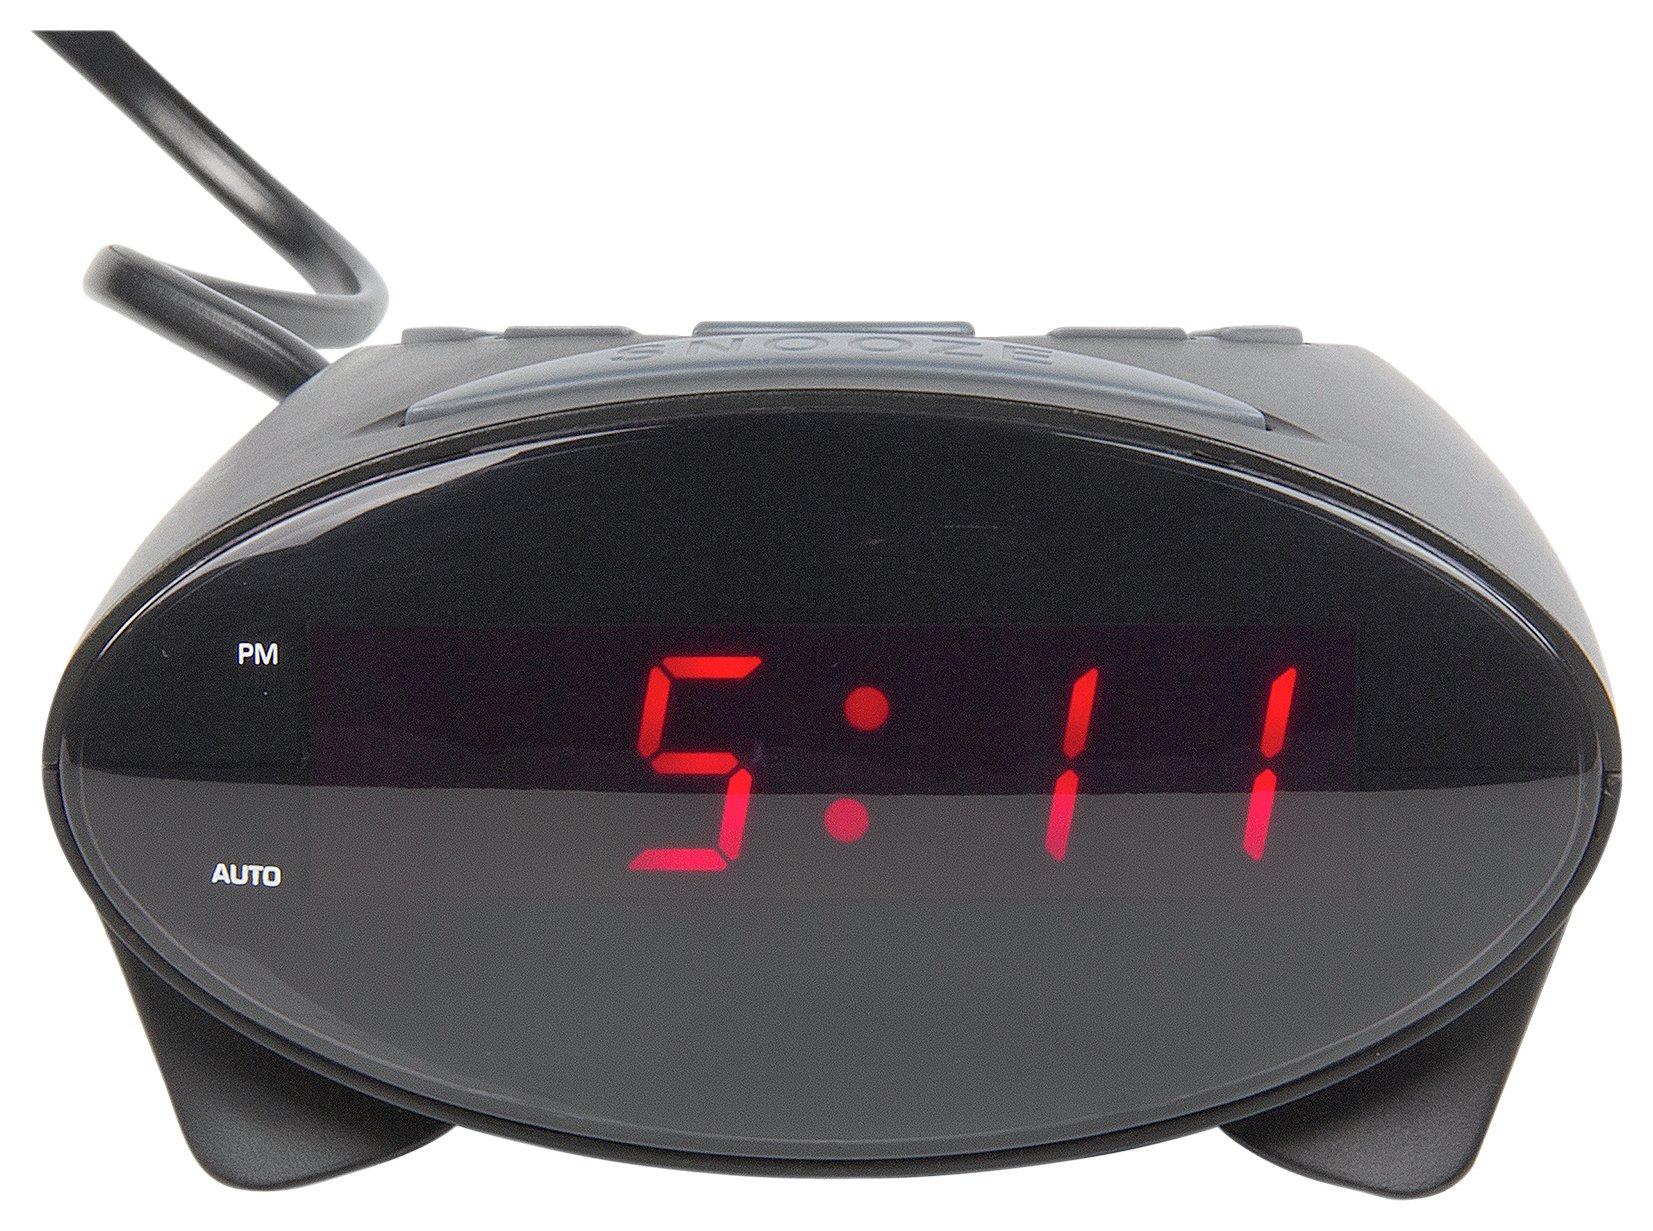 Image of Constant Black Elliptical Alarm Clock